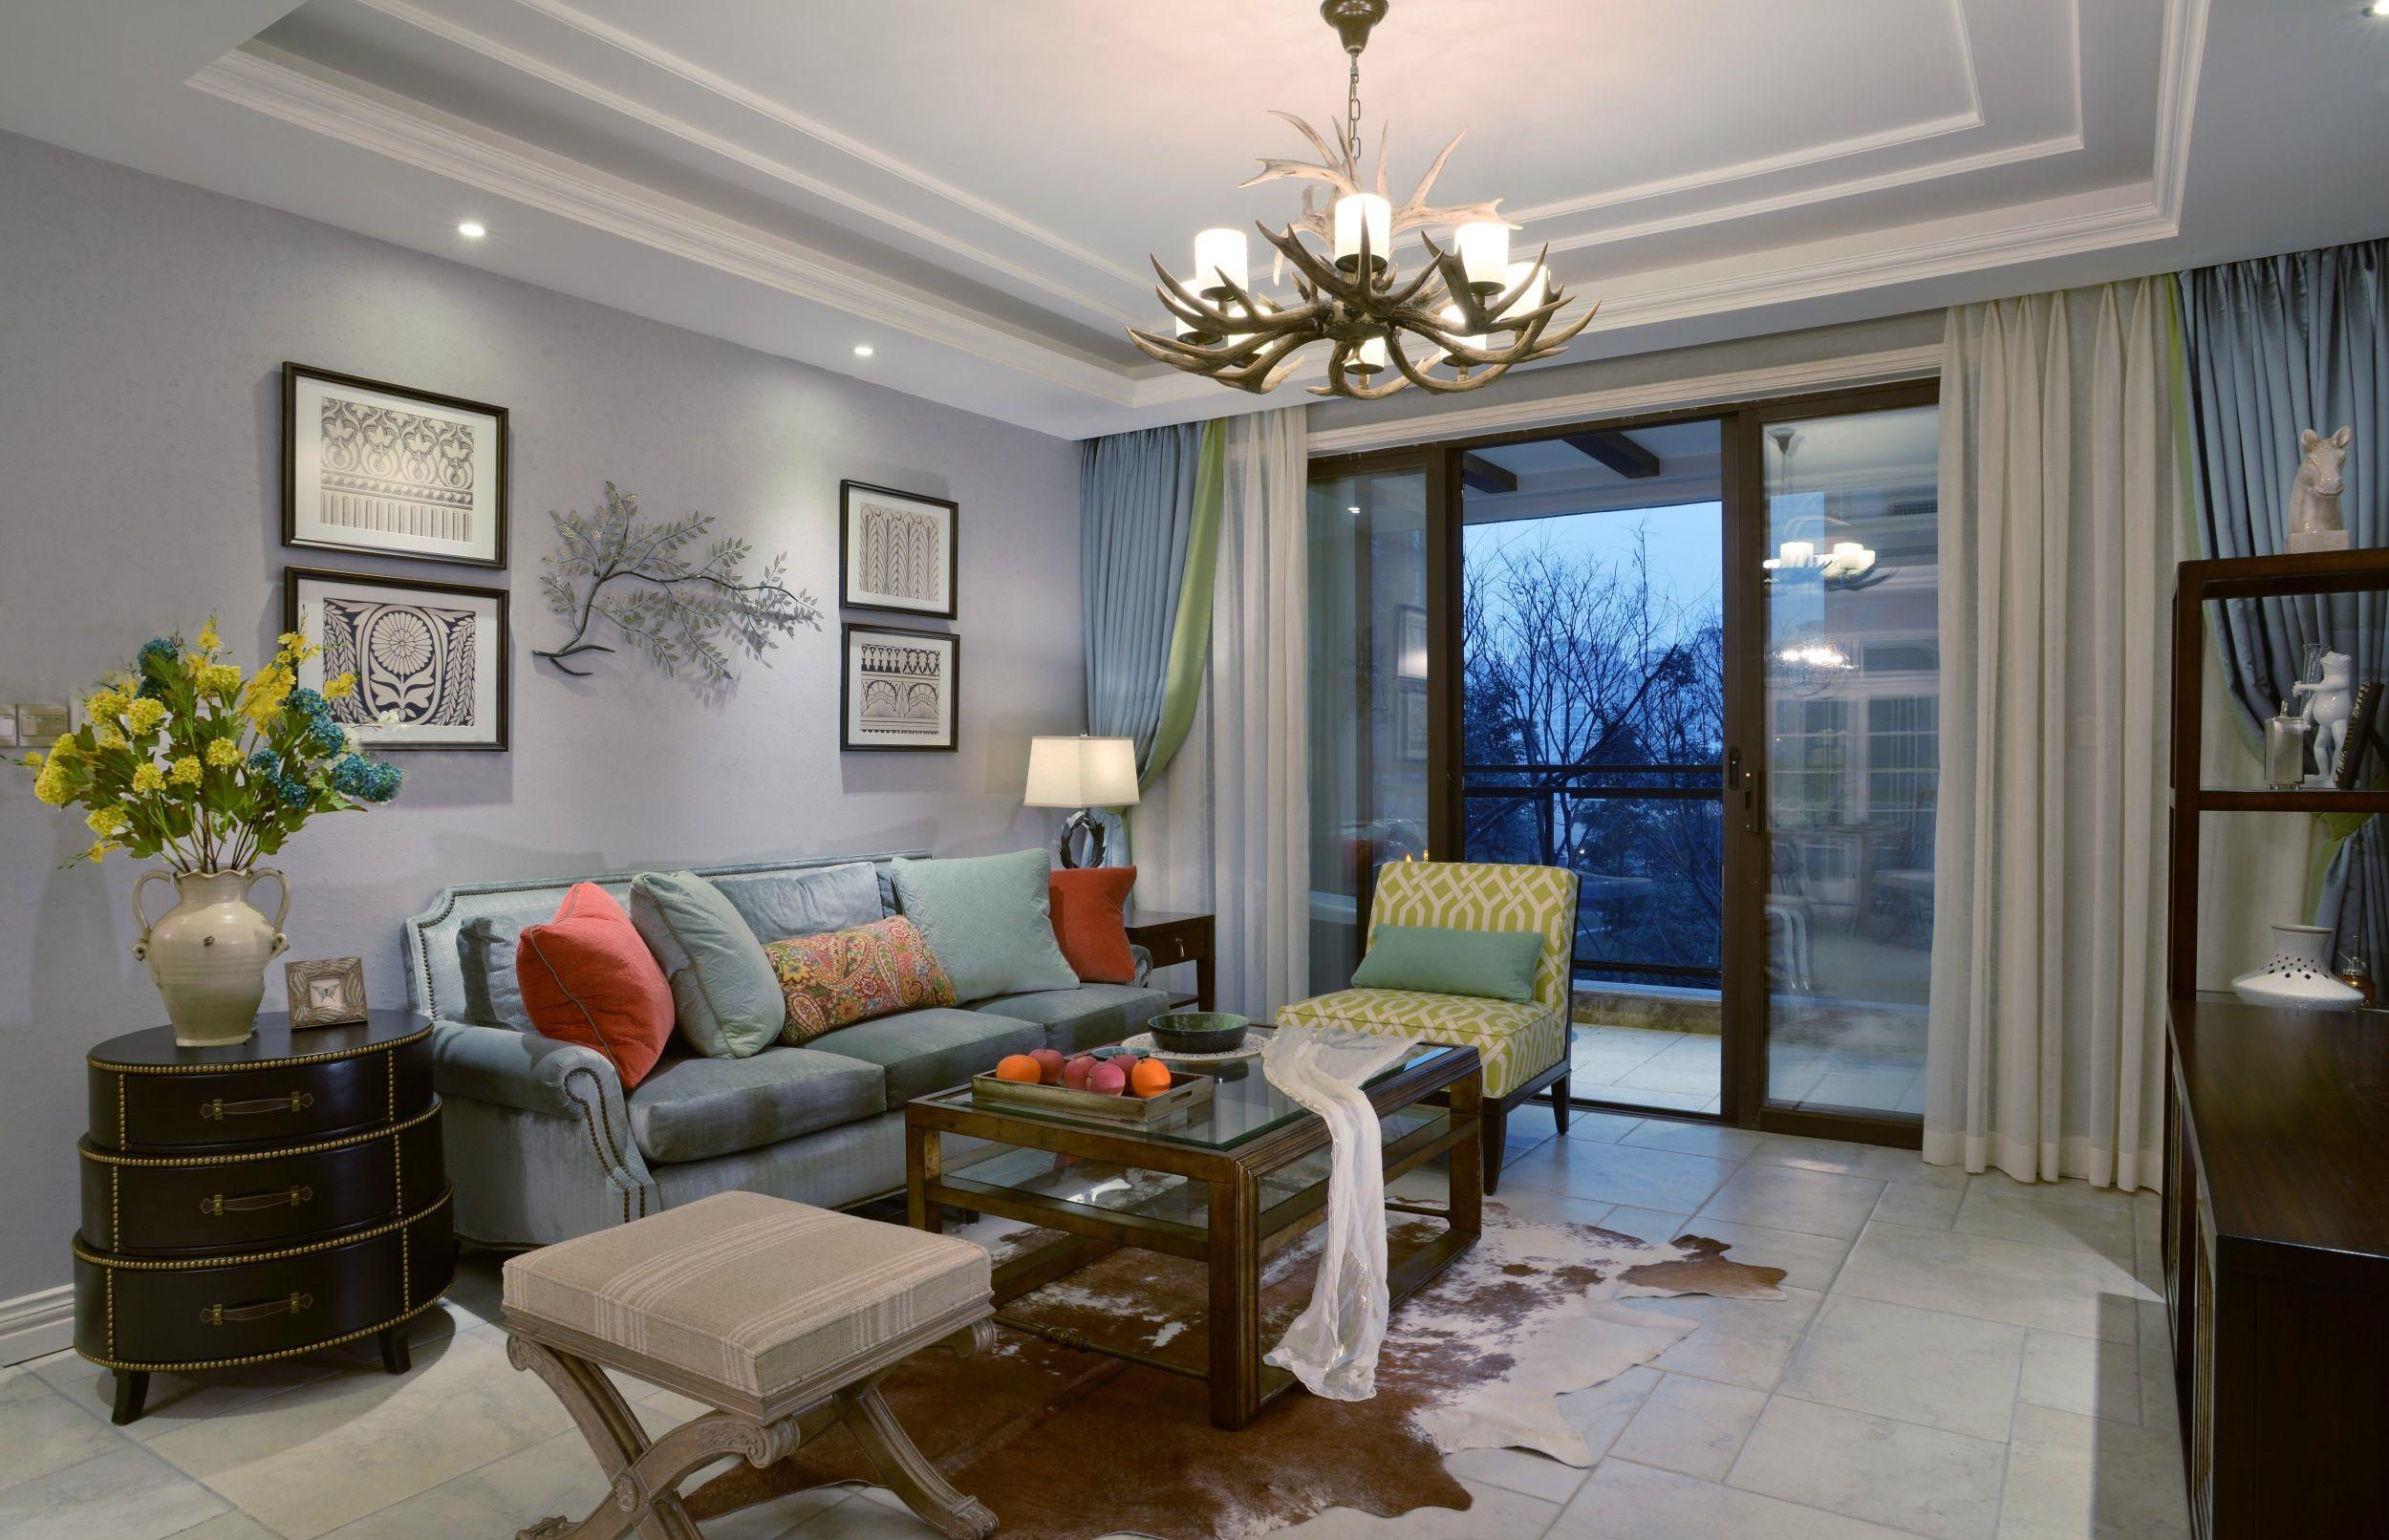 柜子上的花色花束,墙壁上的树枝图案,让你感受到浓浓的生活气息。